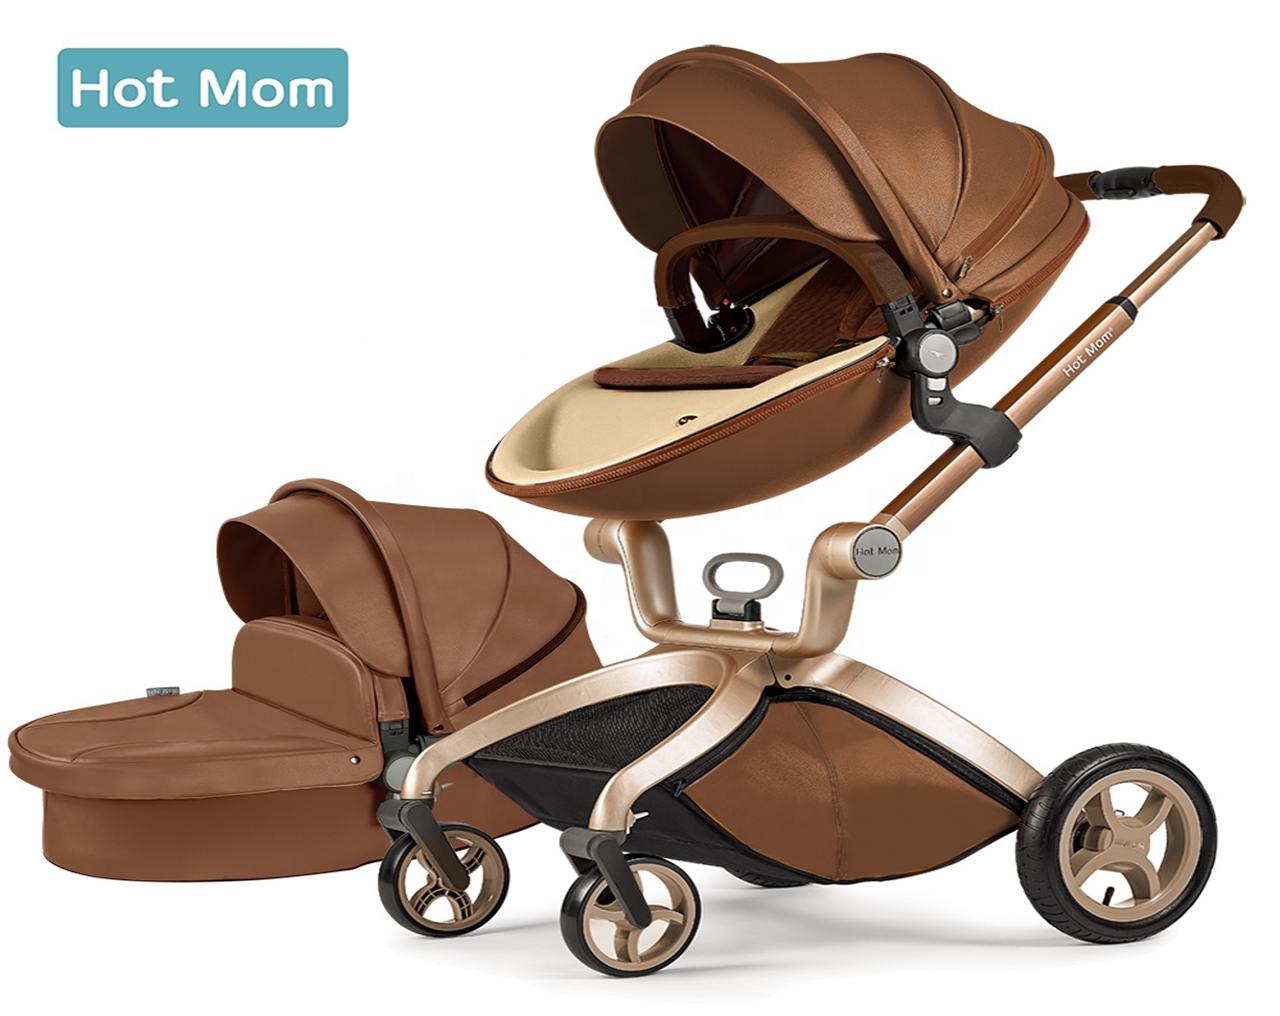 Оригинальная детская коляска Hot Mom 2в1 Dark Brown Тёмно-коричневый эко-кожа Прогулка и люлька